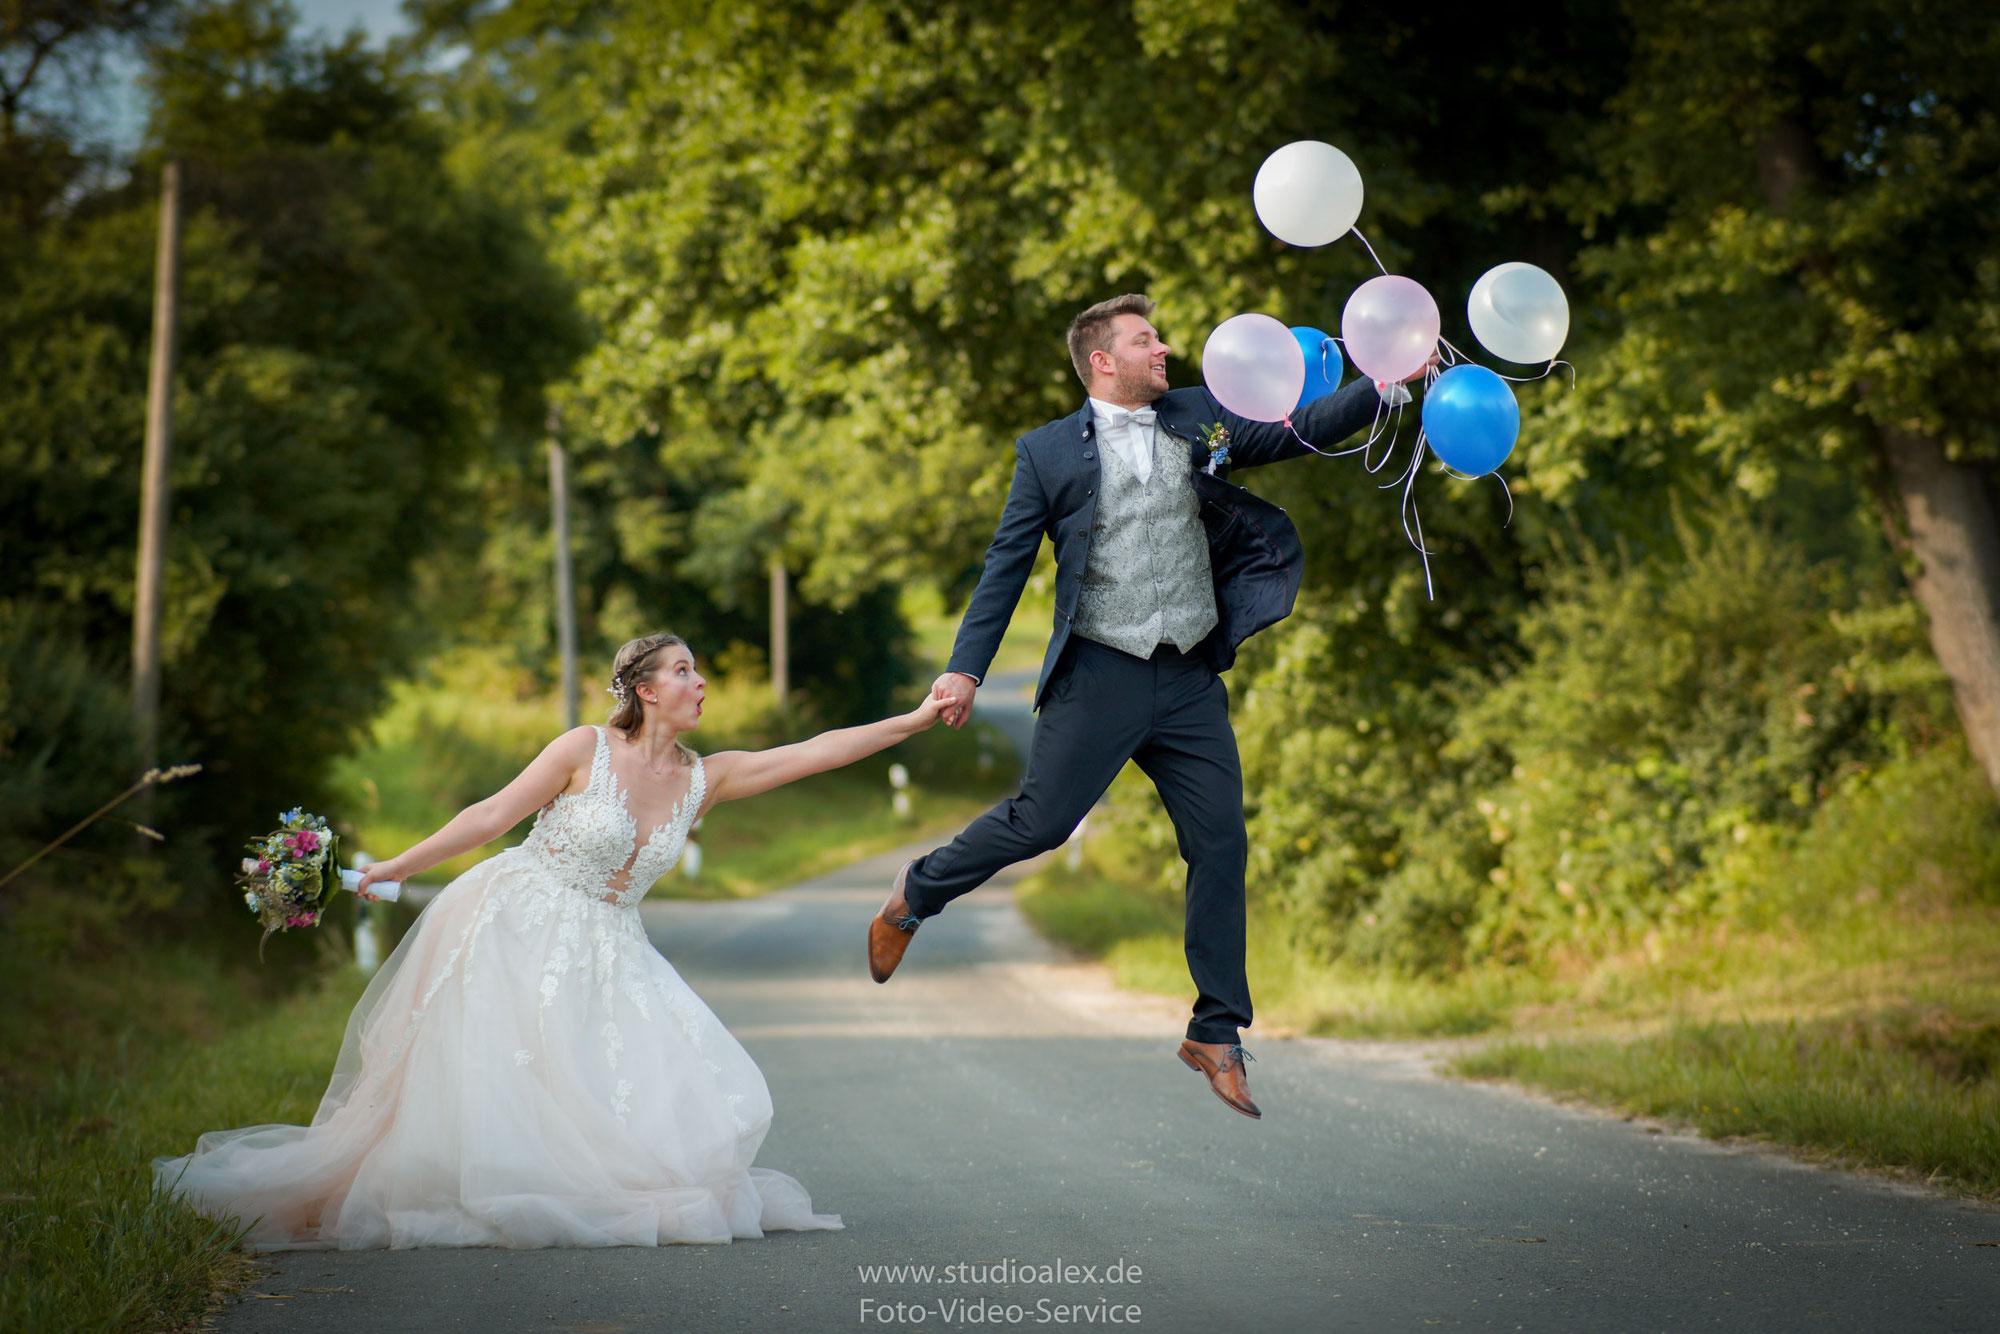 Hochzeit in Nürnberg - Feucht von Jessica & Johannes Sußner. Mit Hochzeitsfotograf und Videograf Alexander Dechant -Studio Alex